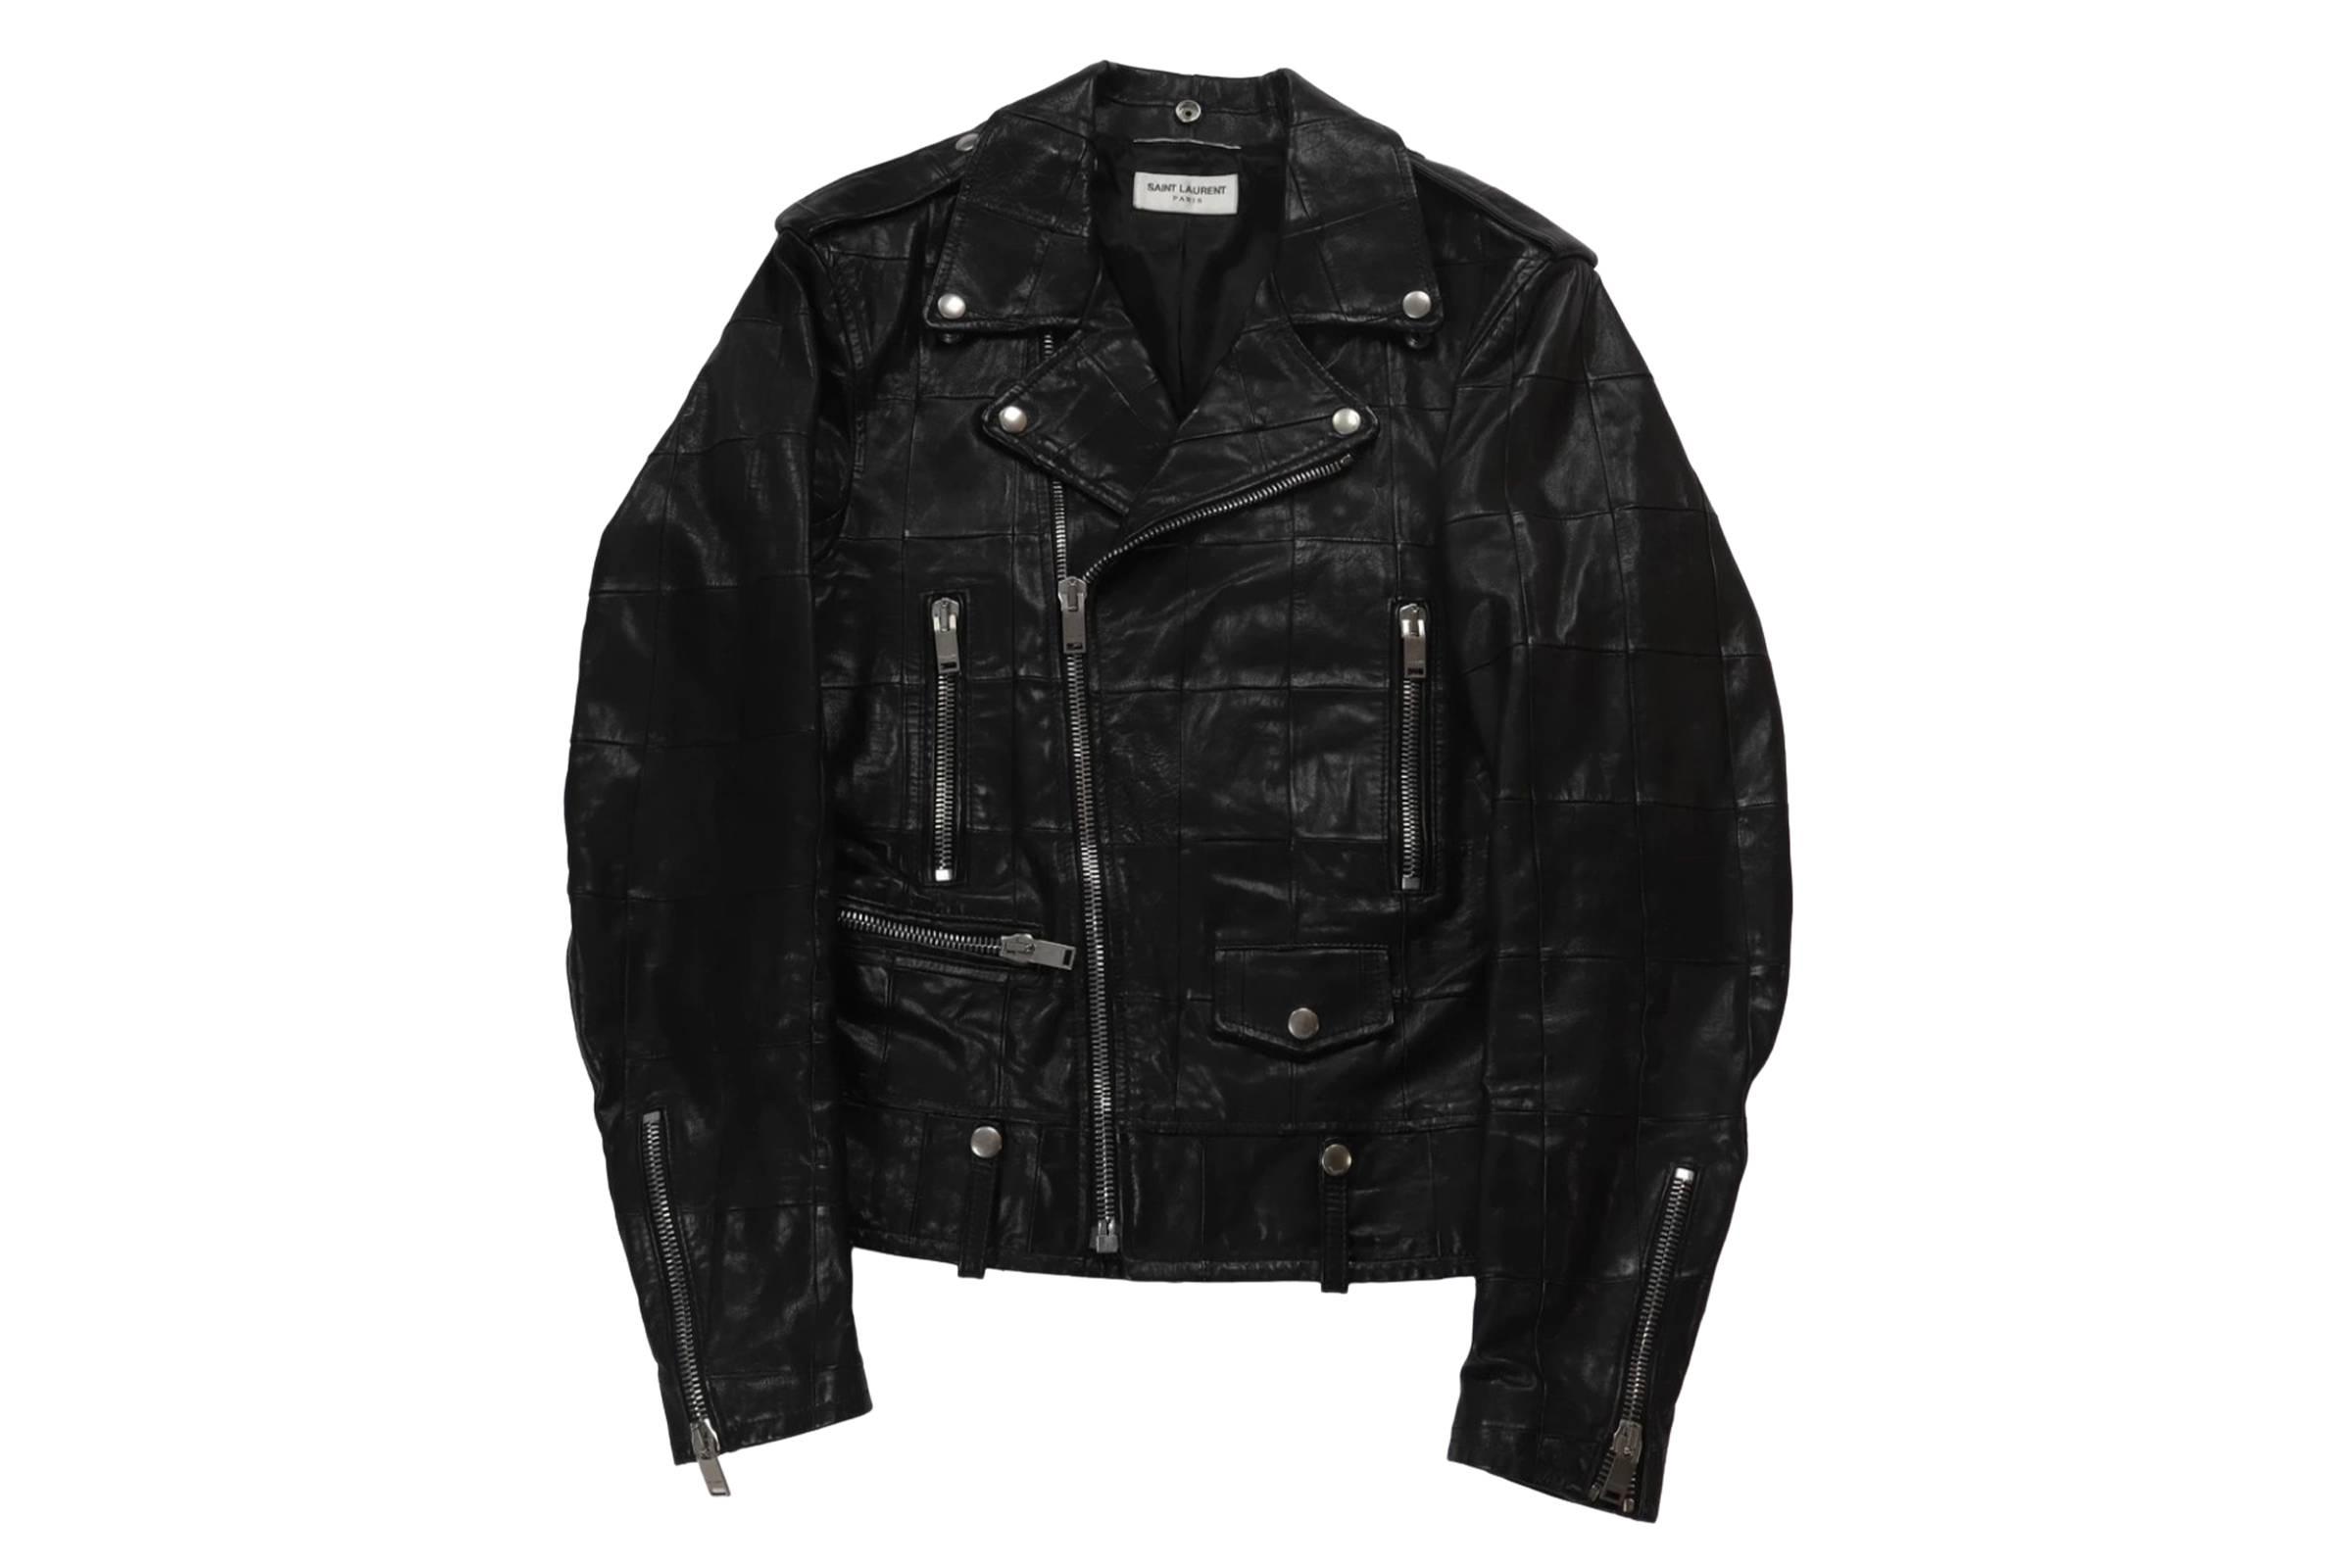 Saint Laurent Patchwork Leather Jacket